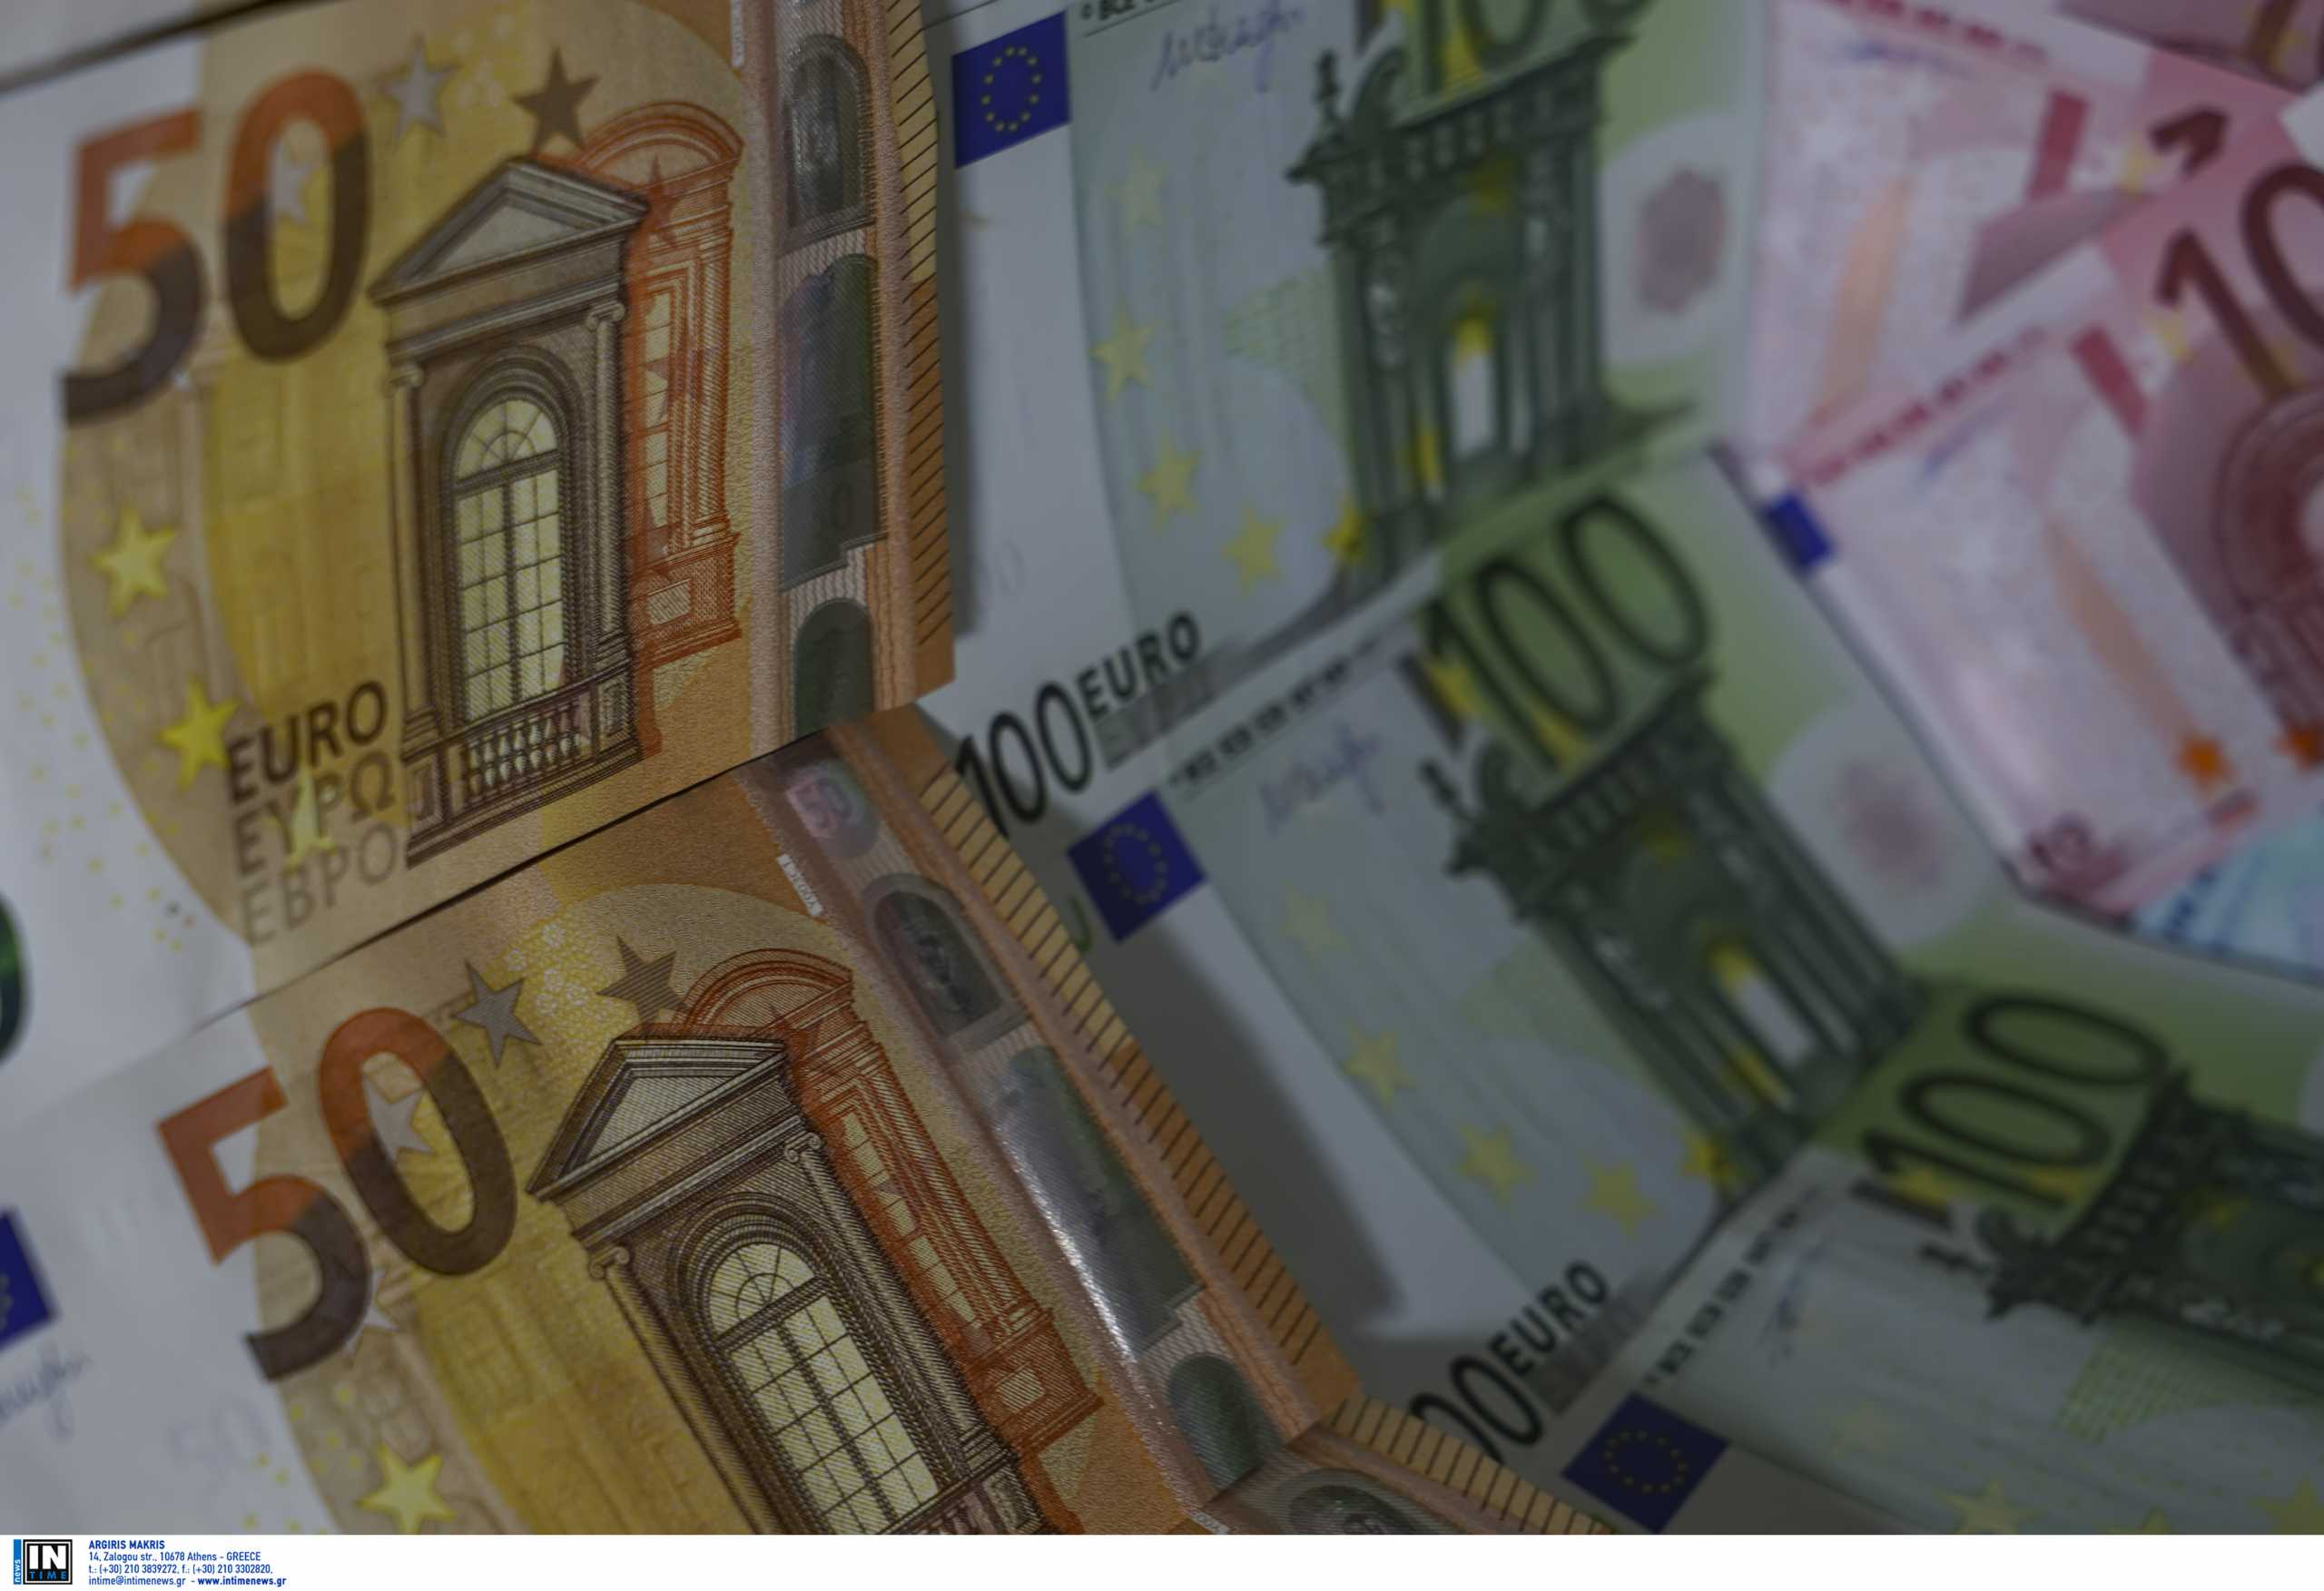 Αγρίνιο: Έδωσε 10 ευρώ σε μίνι μάρκετ και κέρδισε 1.000.000 – Η απίθανη ιστορία απόλυτης ευτυχίας